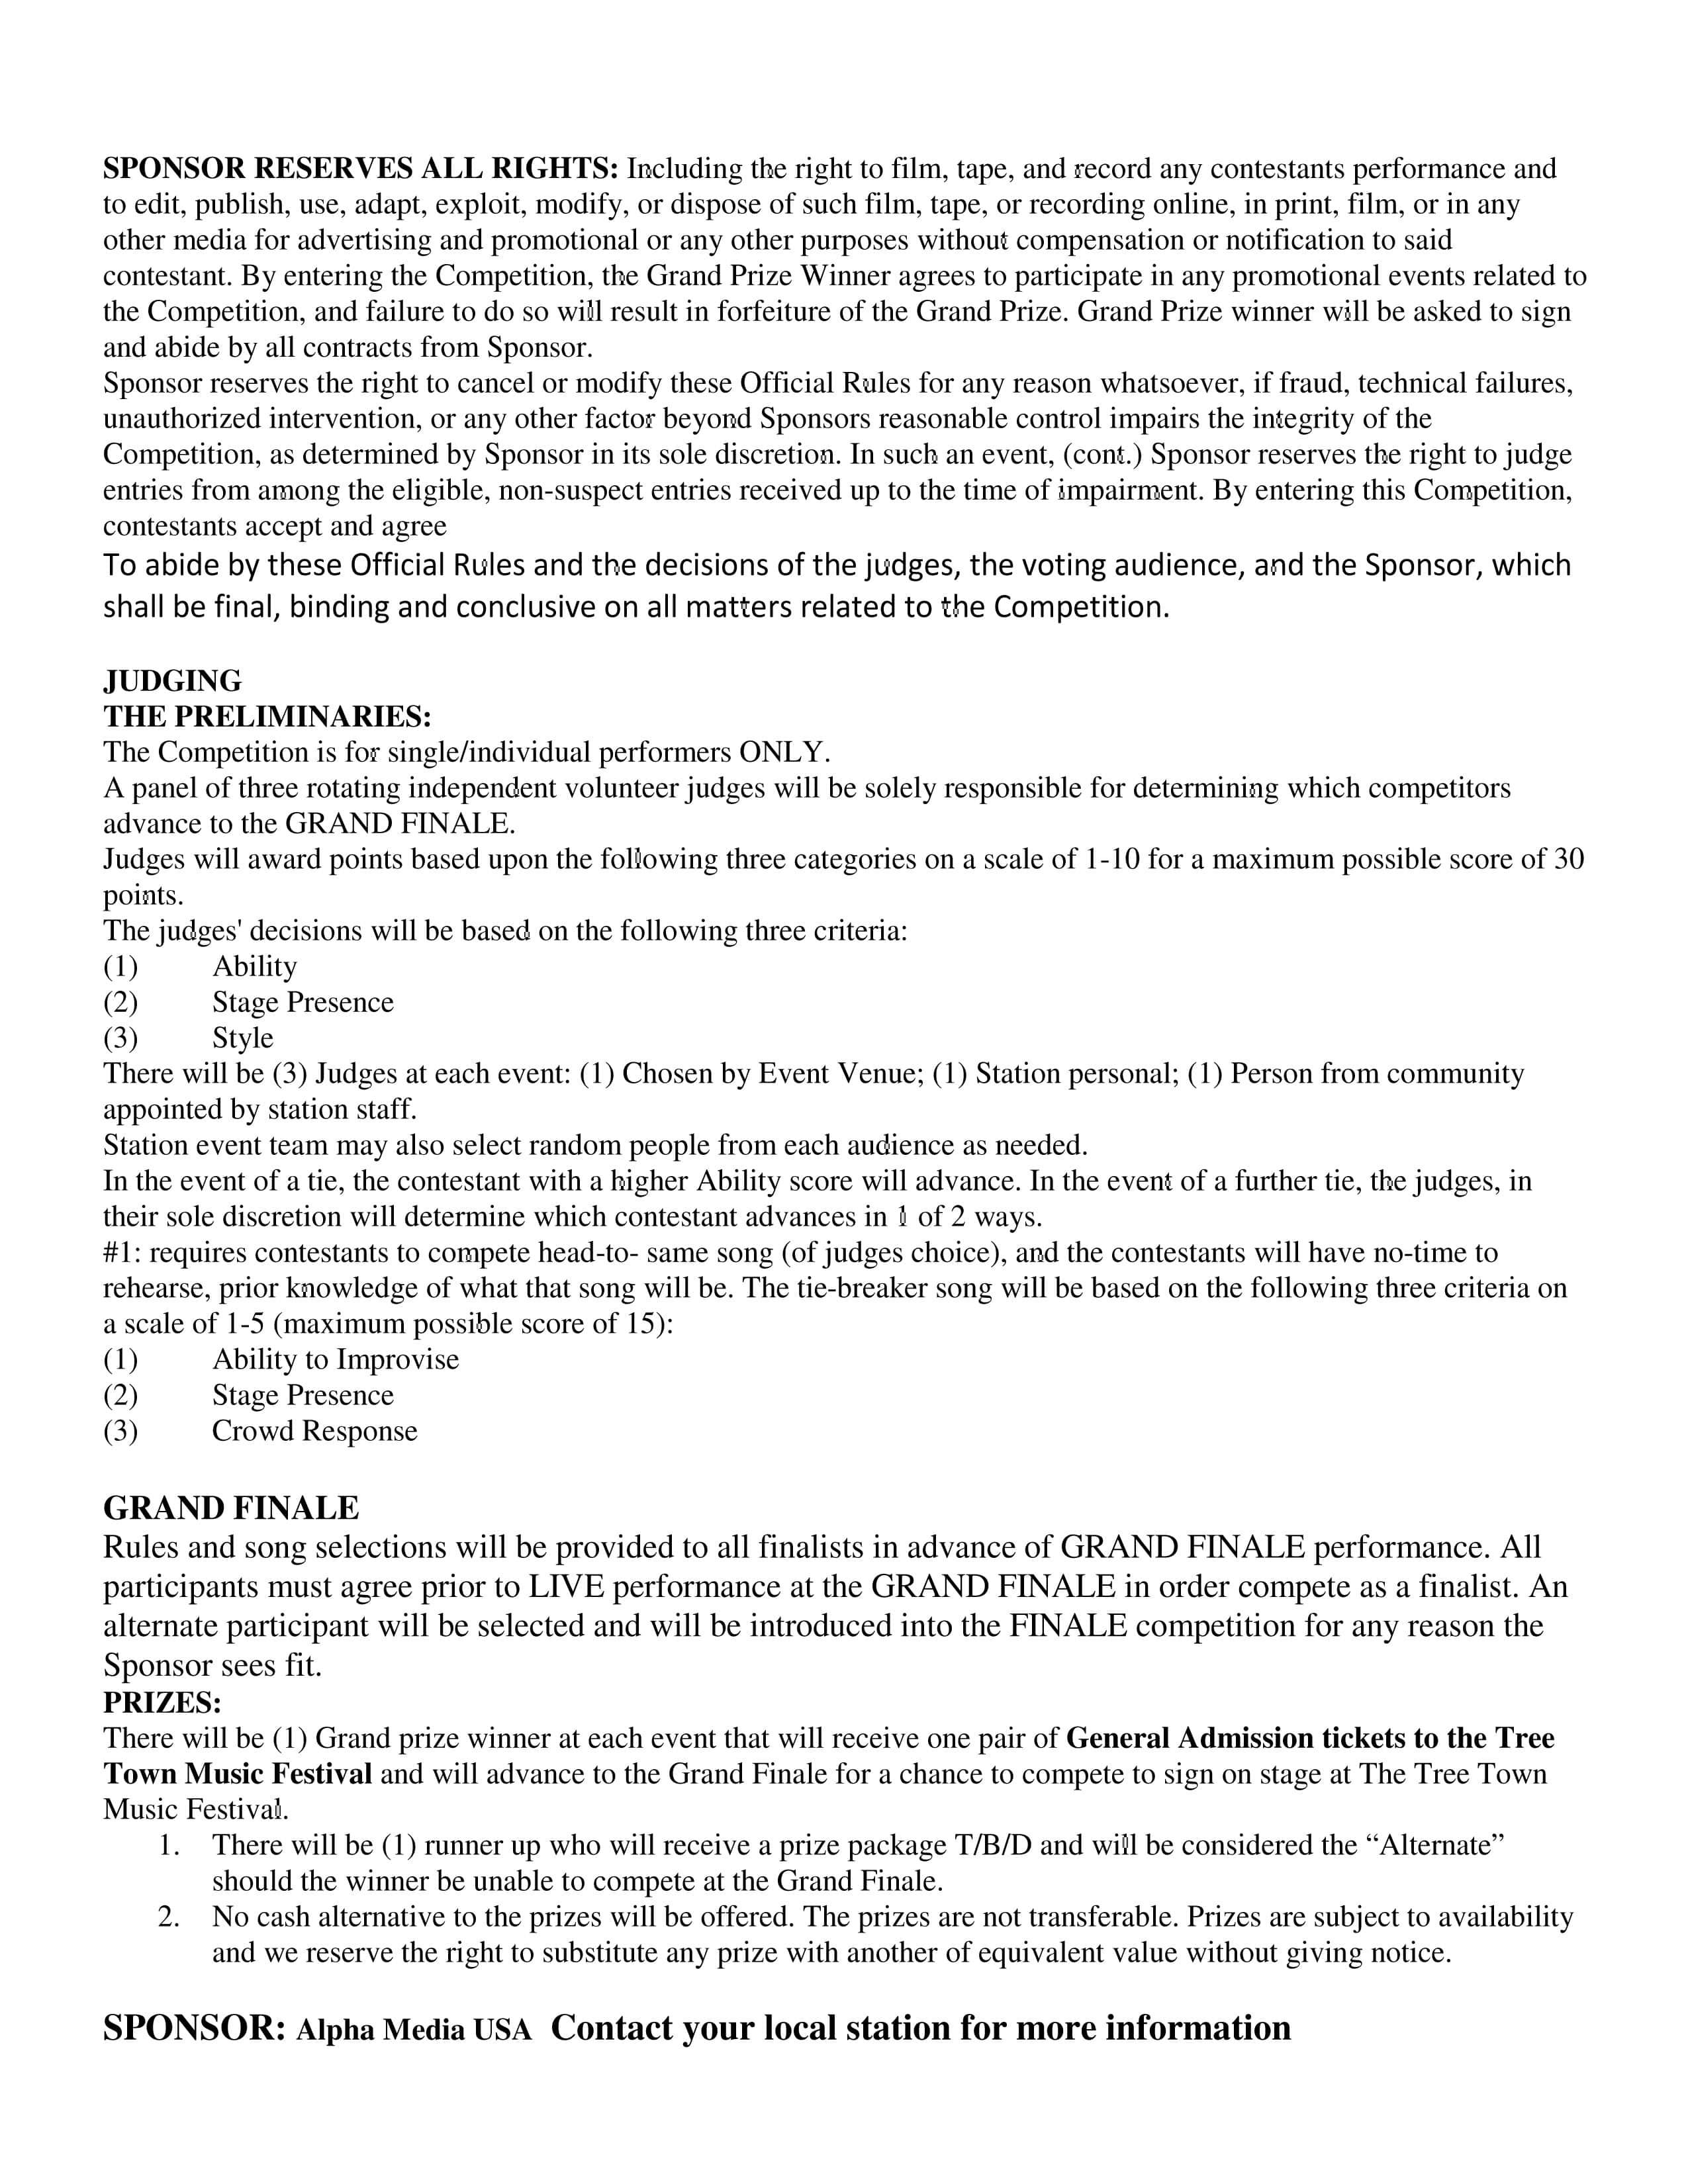 Karaoke Rules pg 3